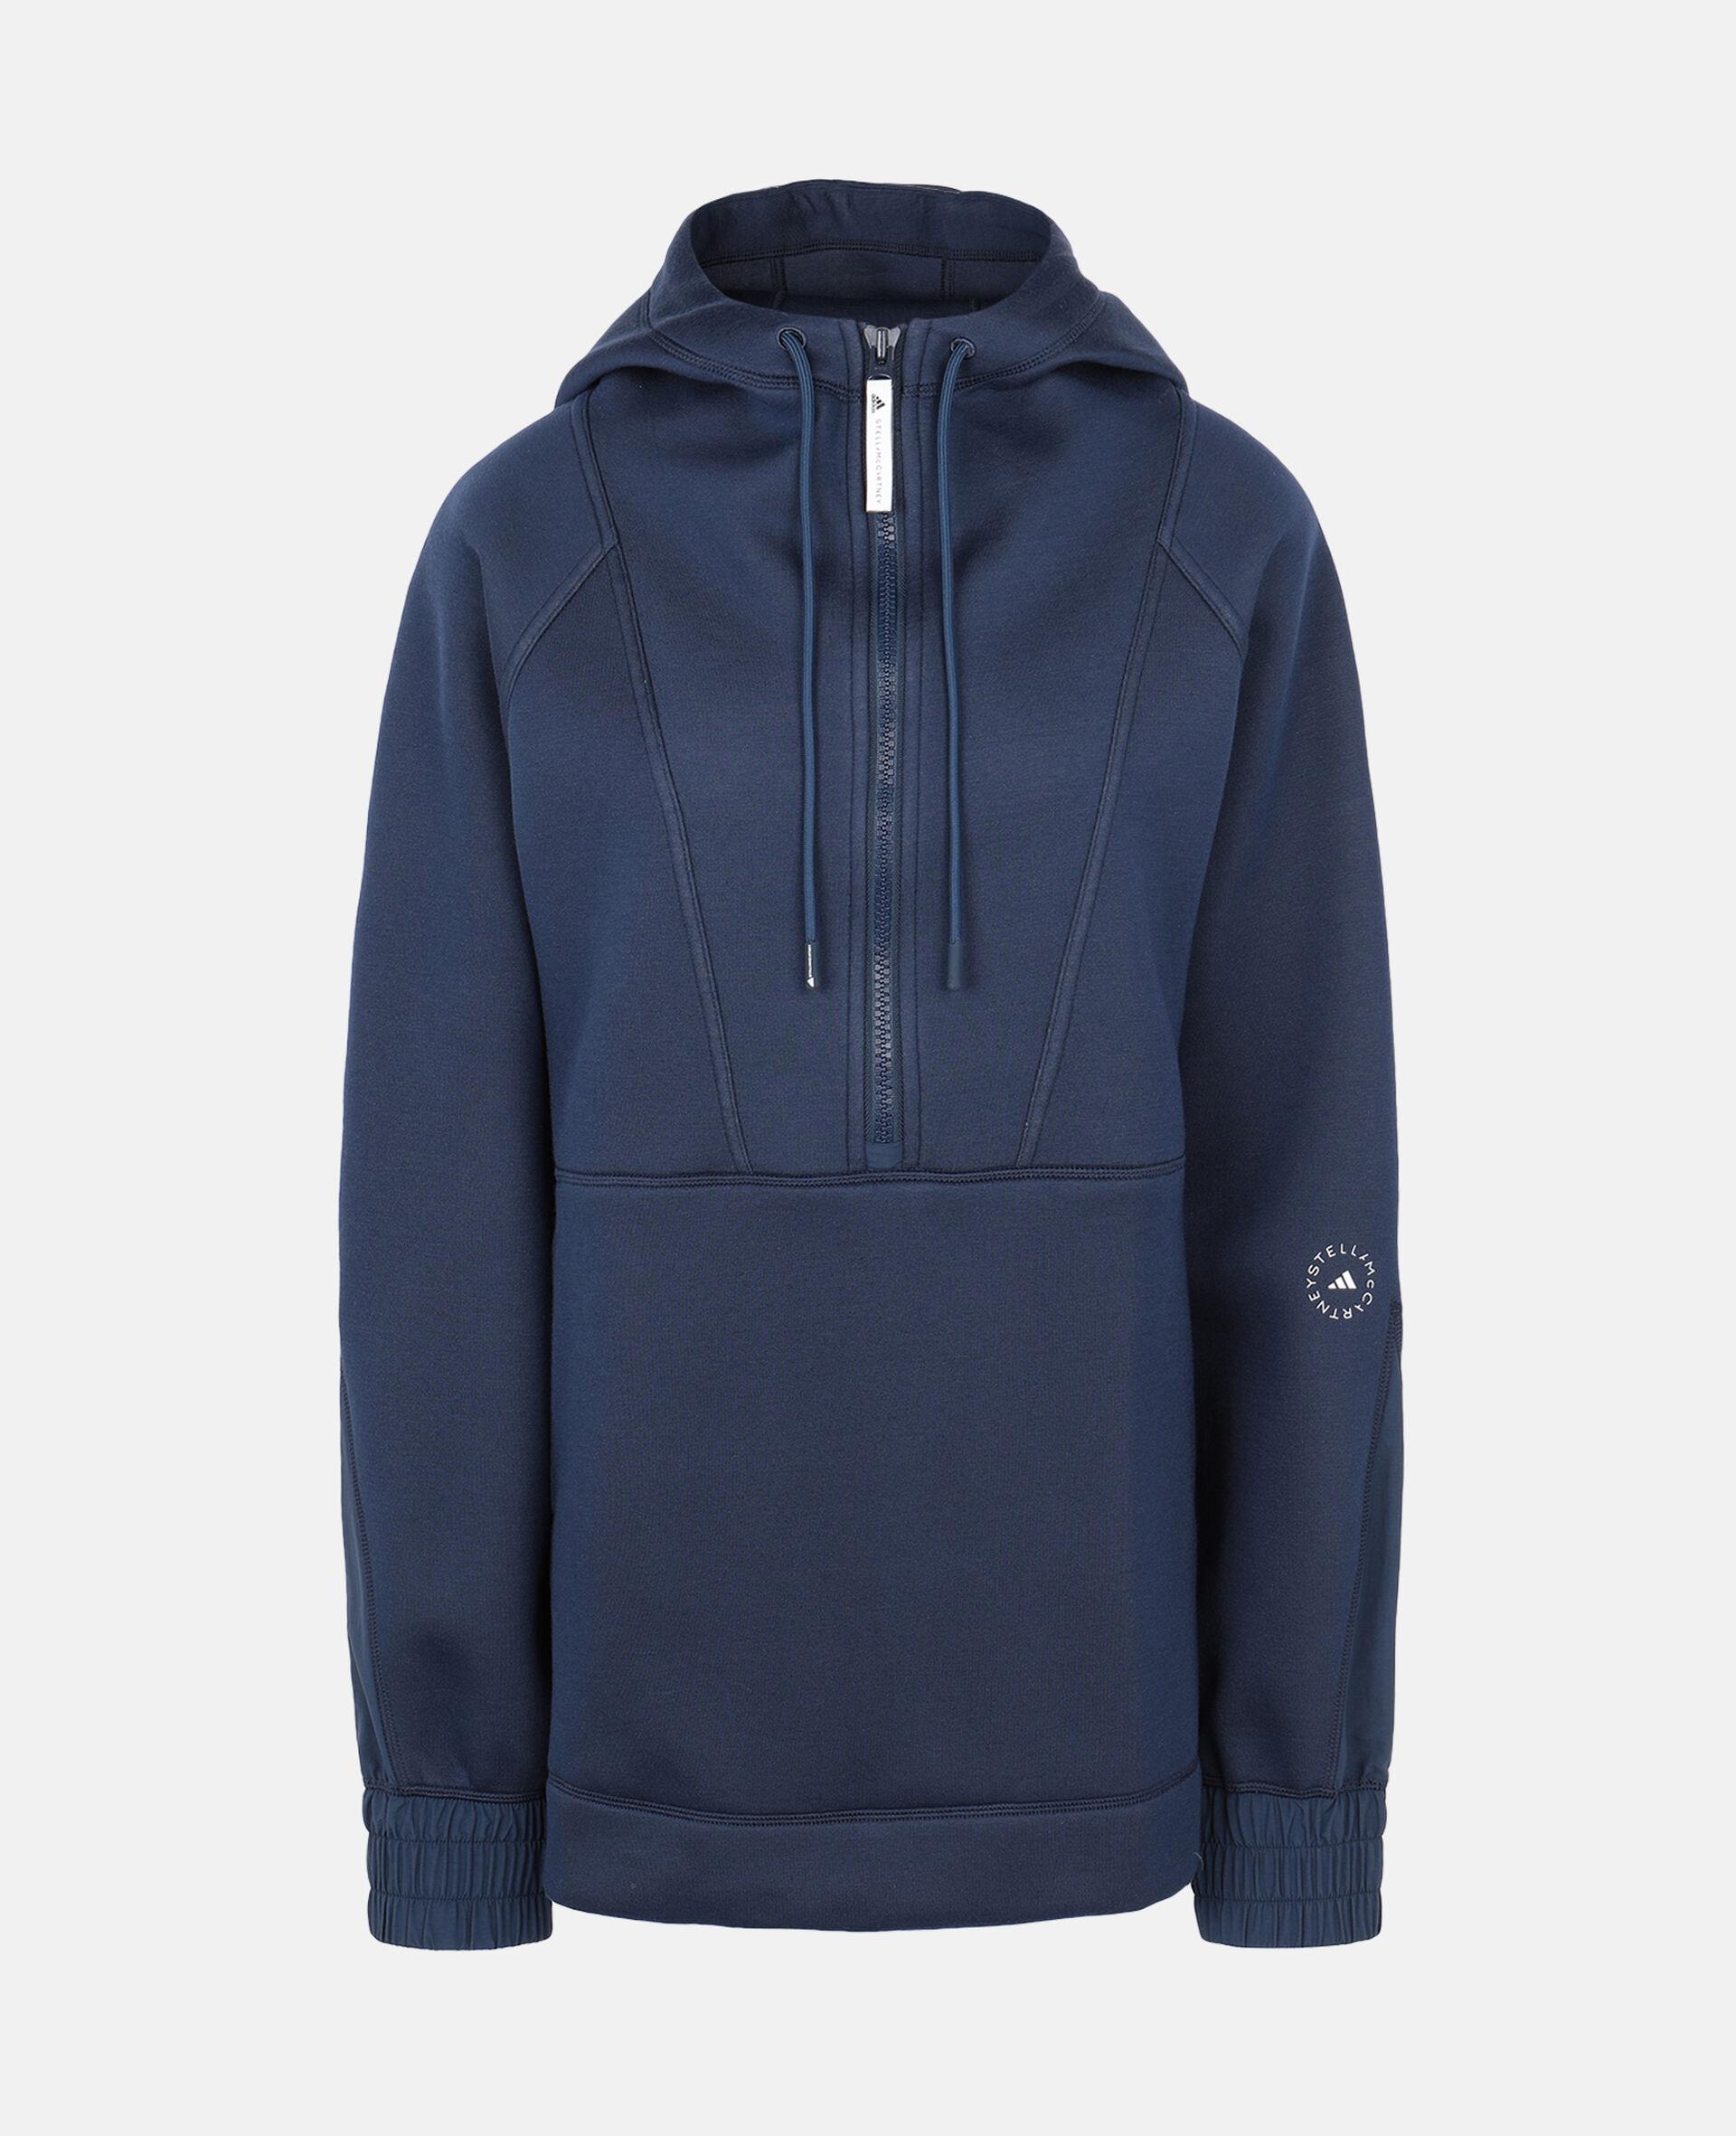 Blue Half-zip Hoodie-Blue-large image number 0